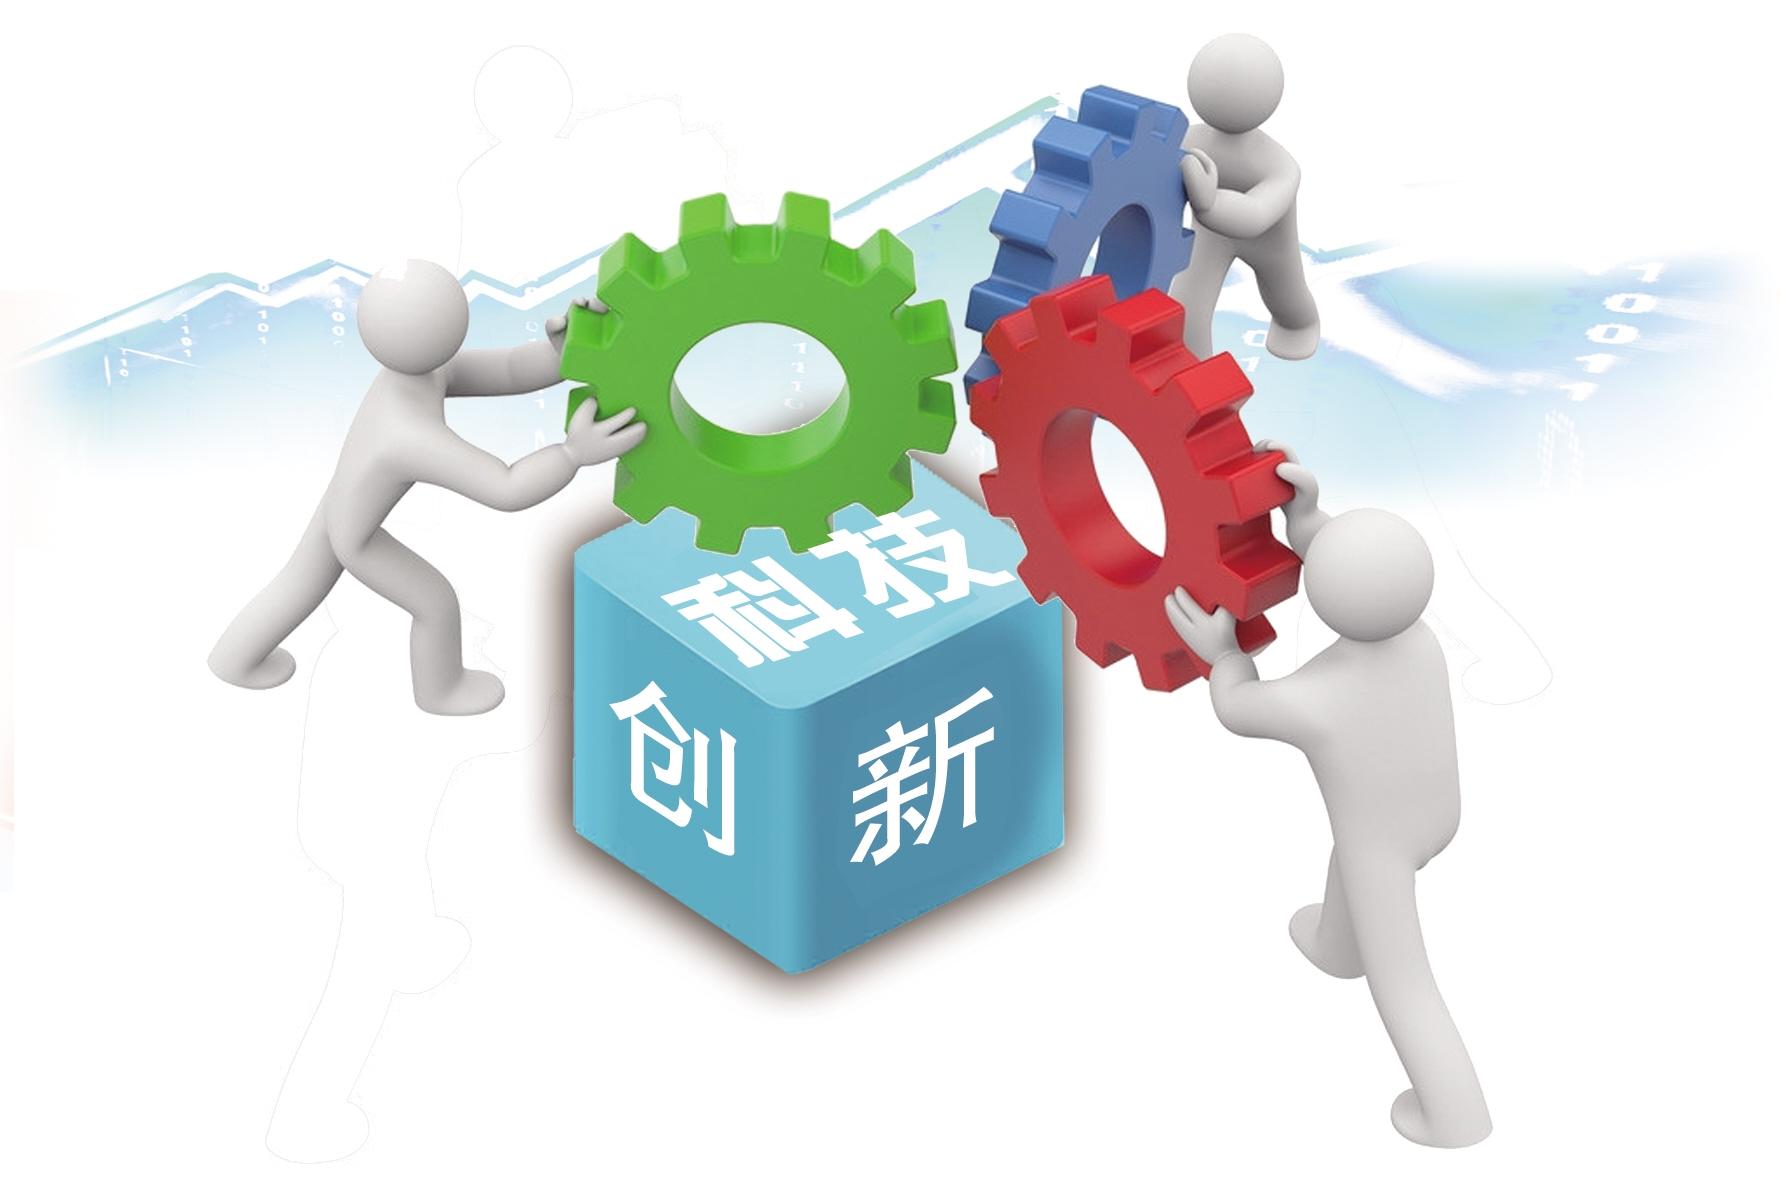 坚持创新驱动发展 增强科技创新能力